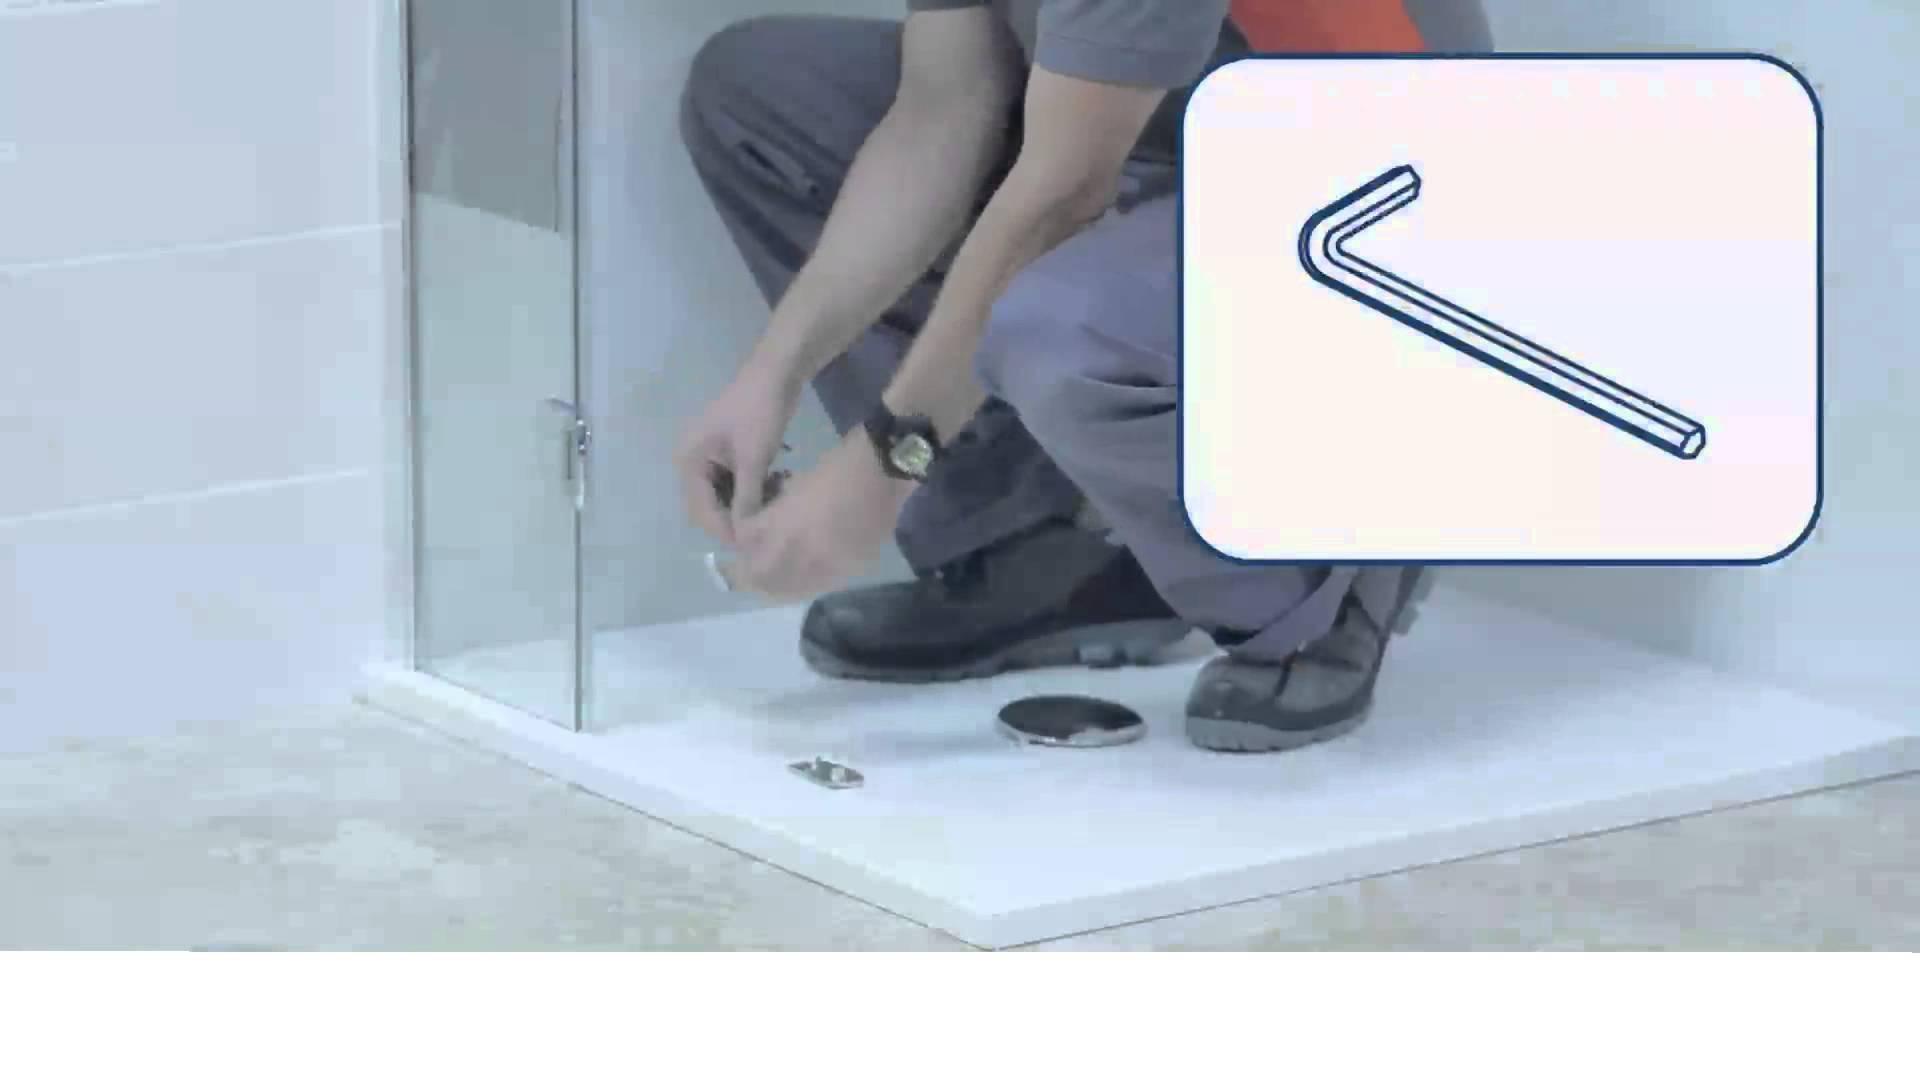 Instalaci n de mamparas madrid multichollo ba o - Instalar mampara de ducha ...